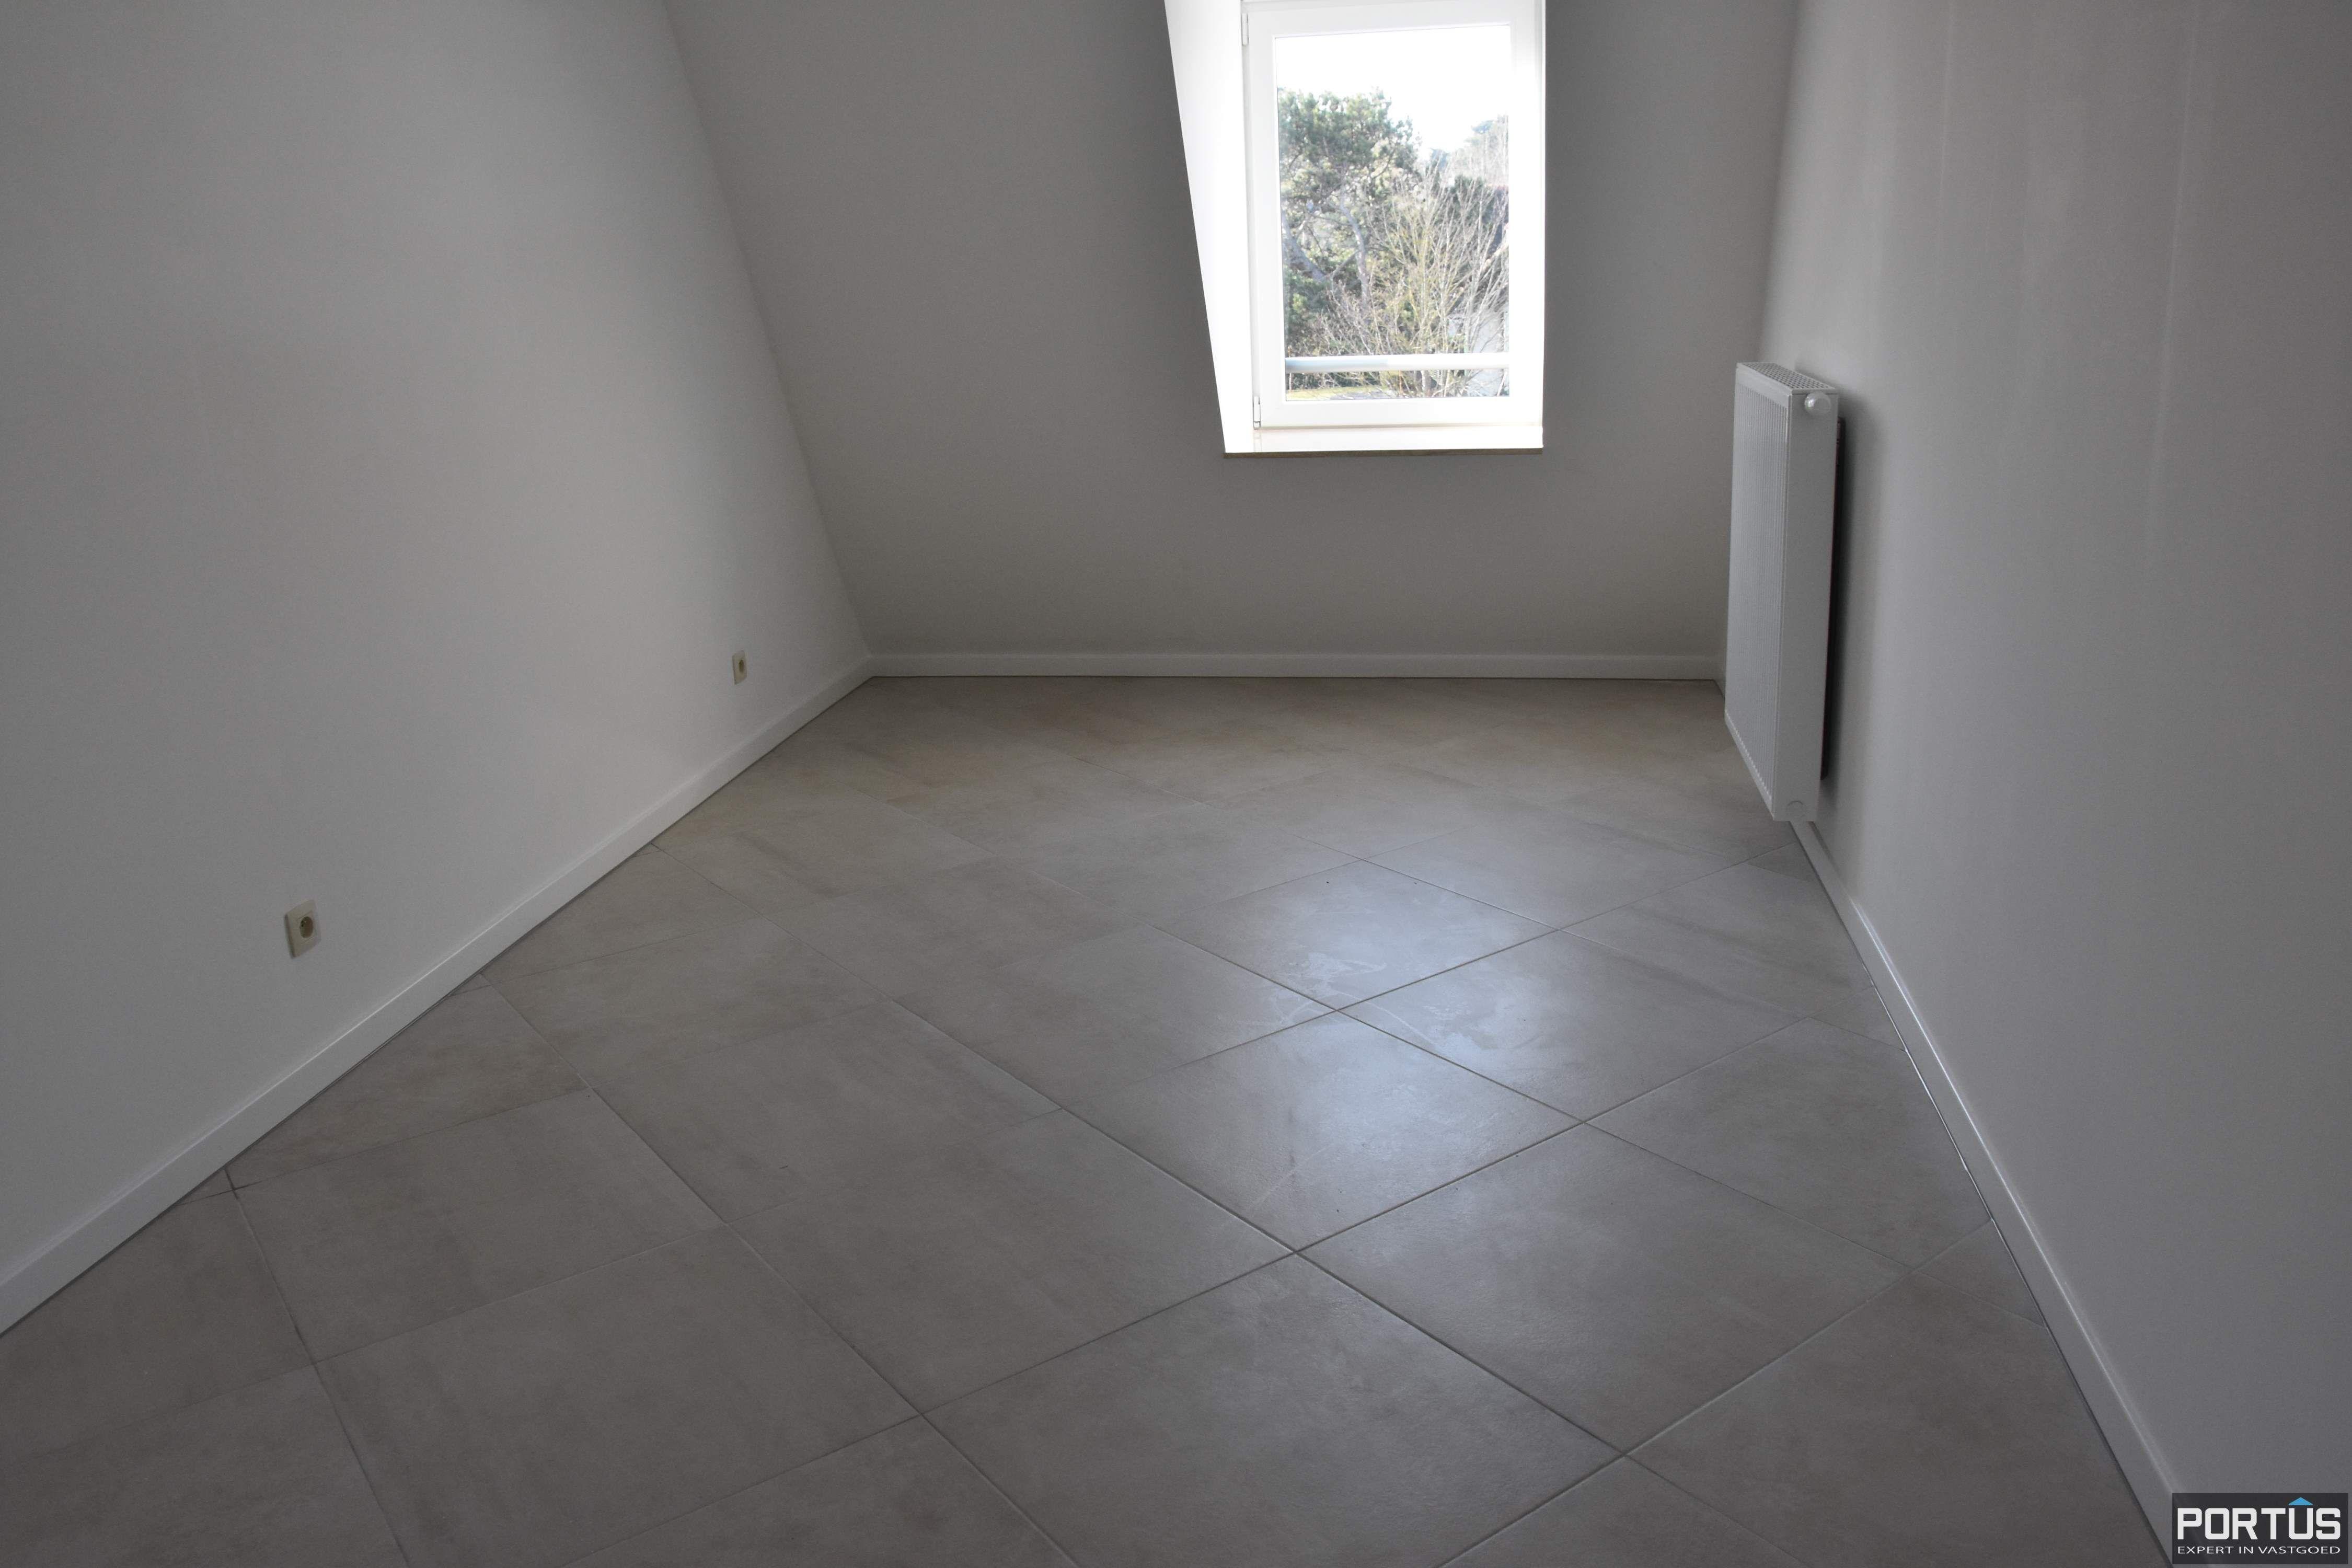 Appartement Residentie Villa Crombez Nieuwpoort - 9299